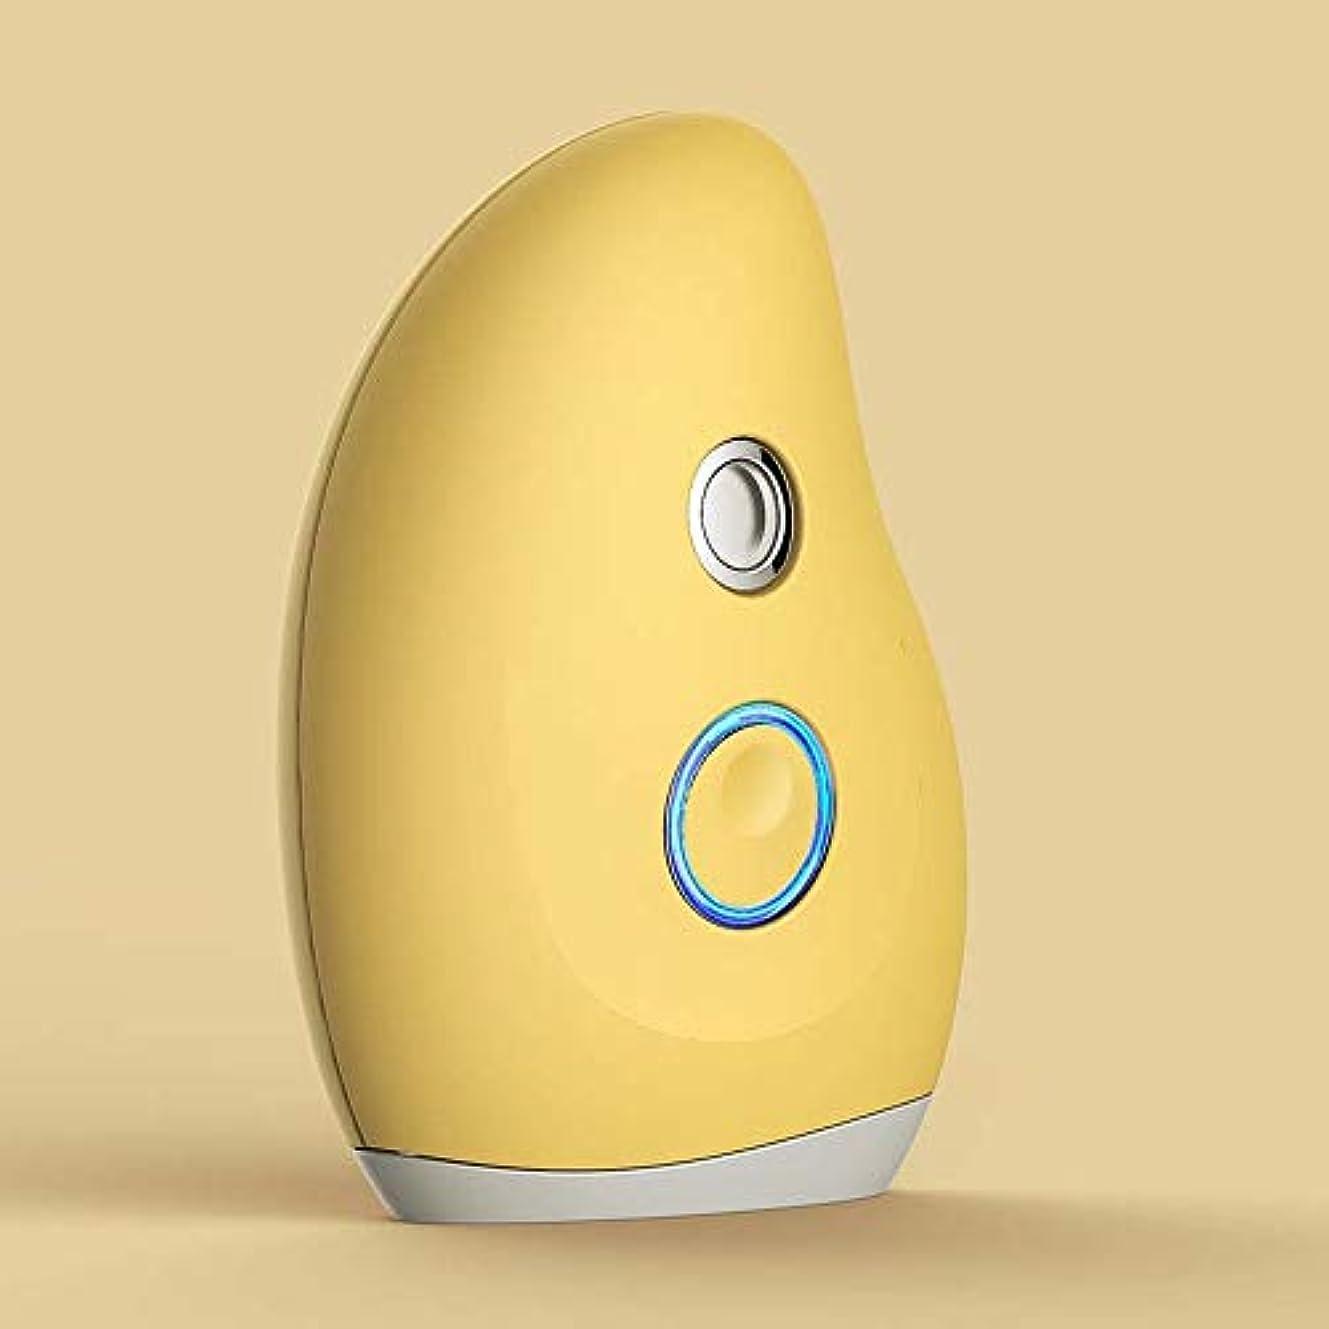 目覚めるハング支配的ZXF ナノハンドヘルドスプレーポータブル水分補給美容器具マンゴー形状コールドスプレースチーマーABS材料赤セクション黄色セクション 滑らかである (色 : Yellow)